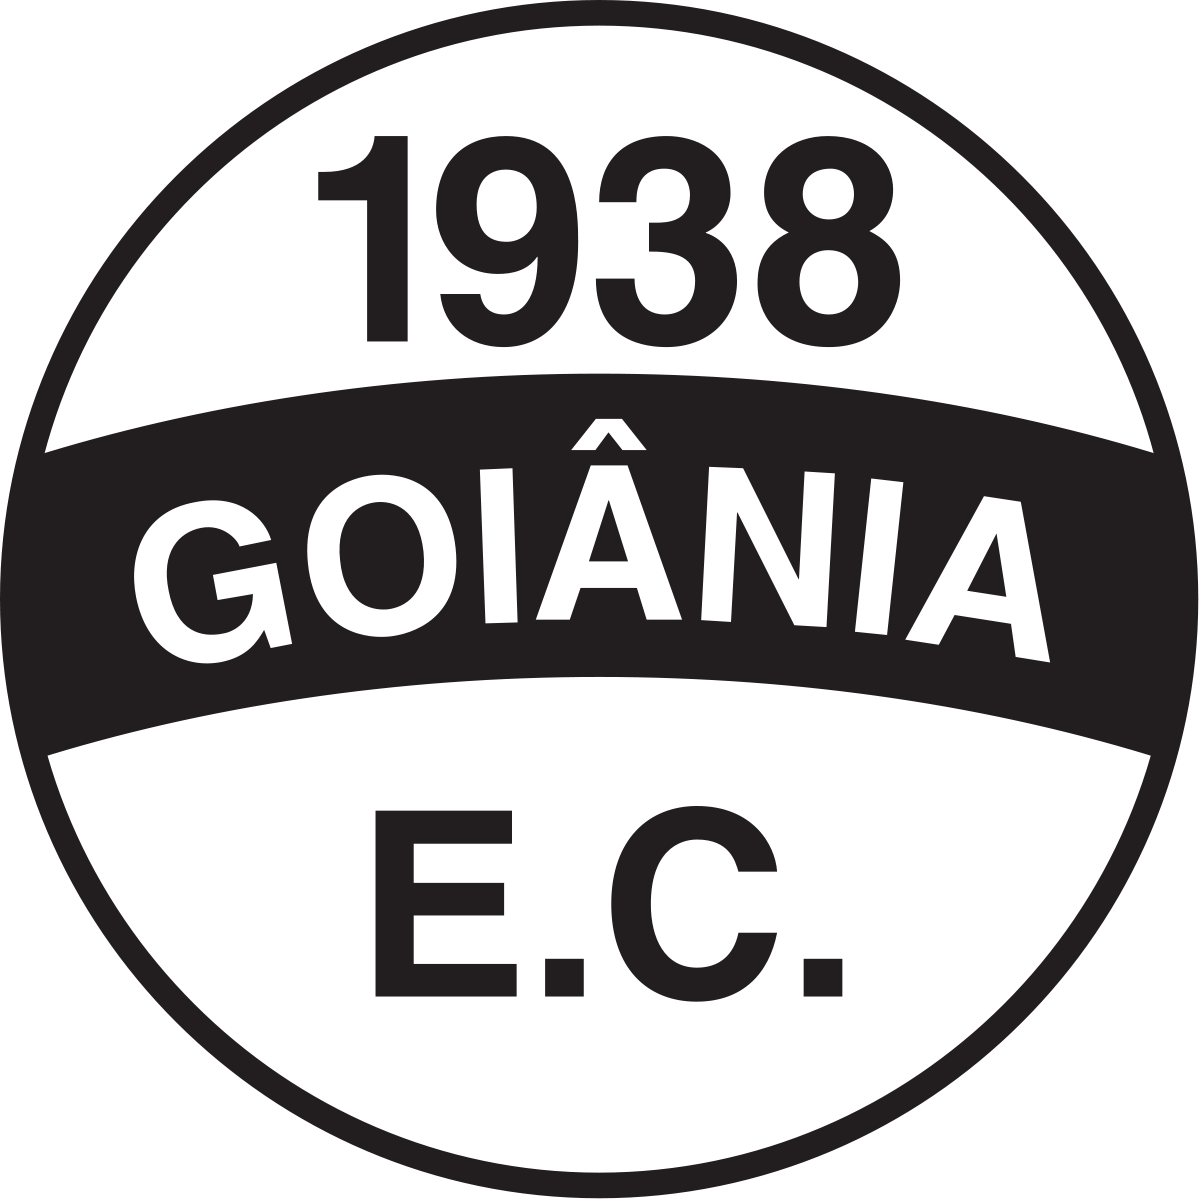 戈亚尼亚U20